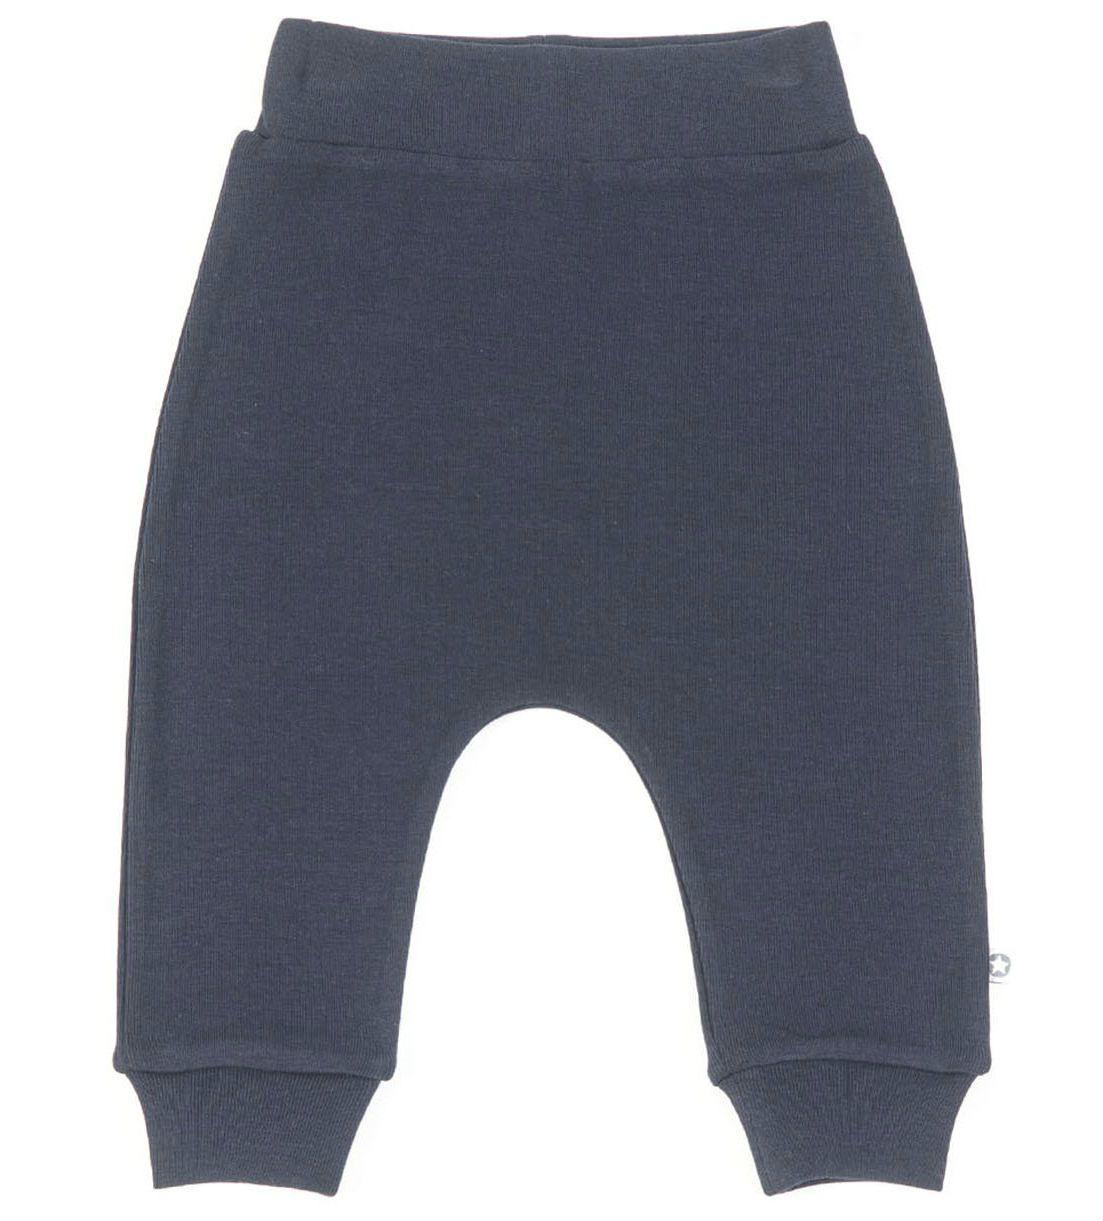 Bukser fra Smallstuff i Navy